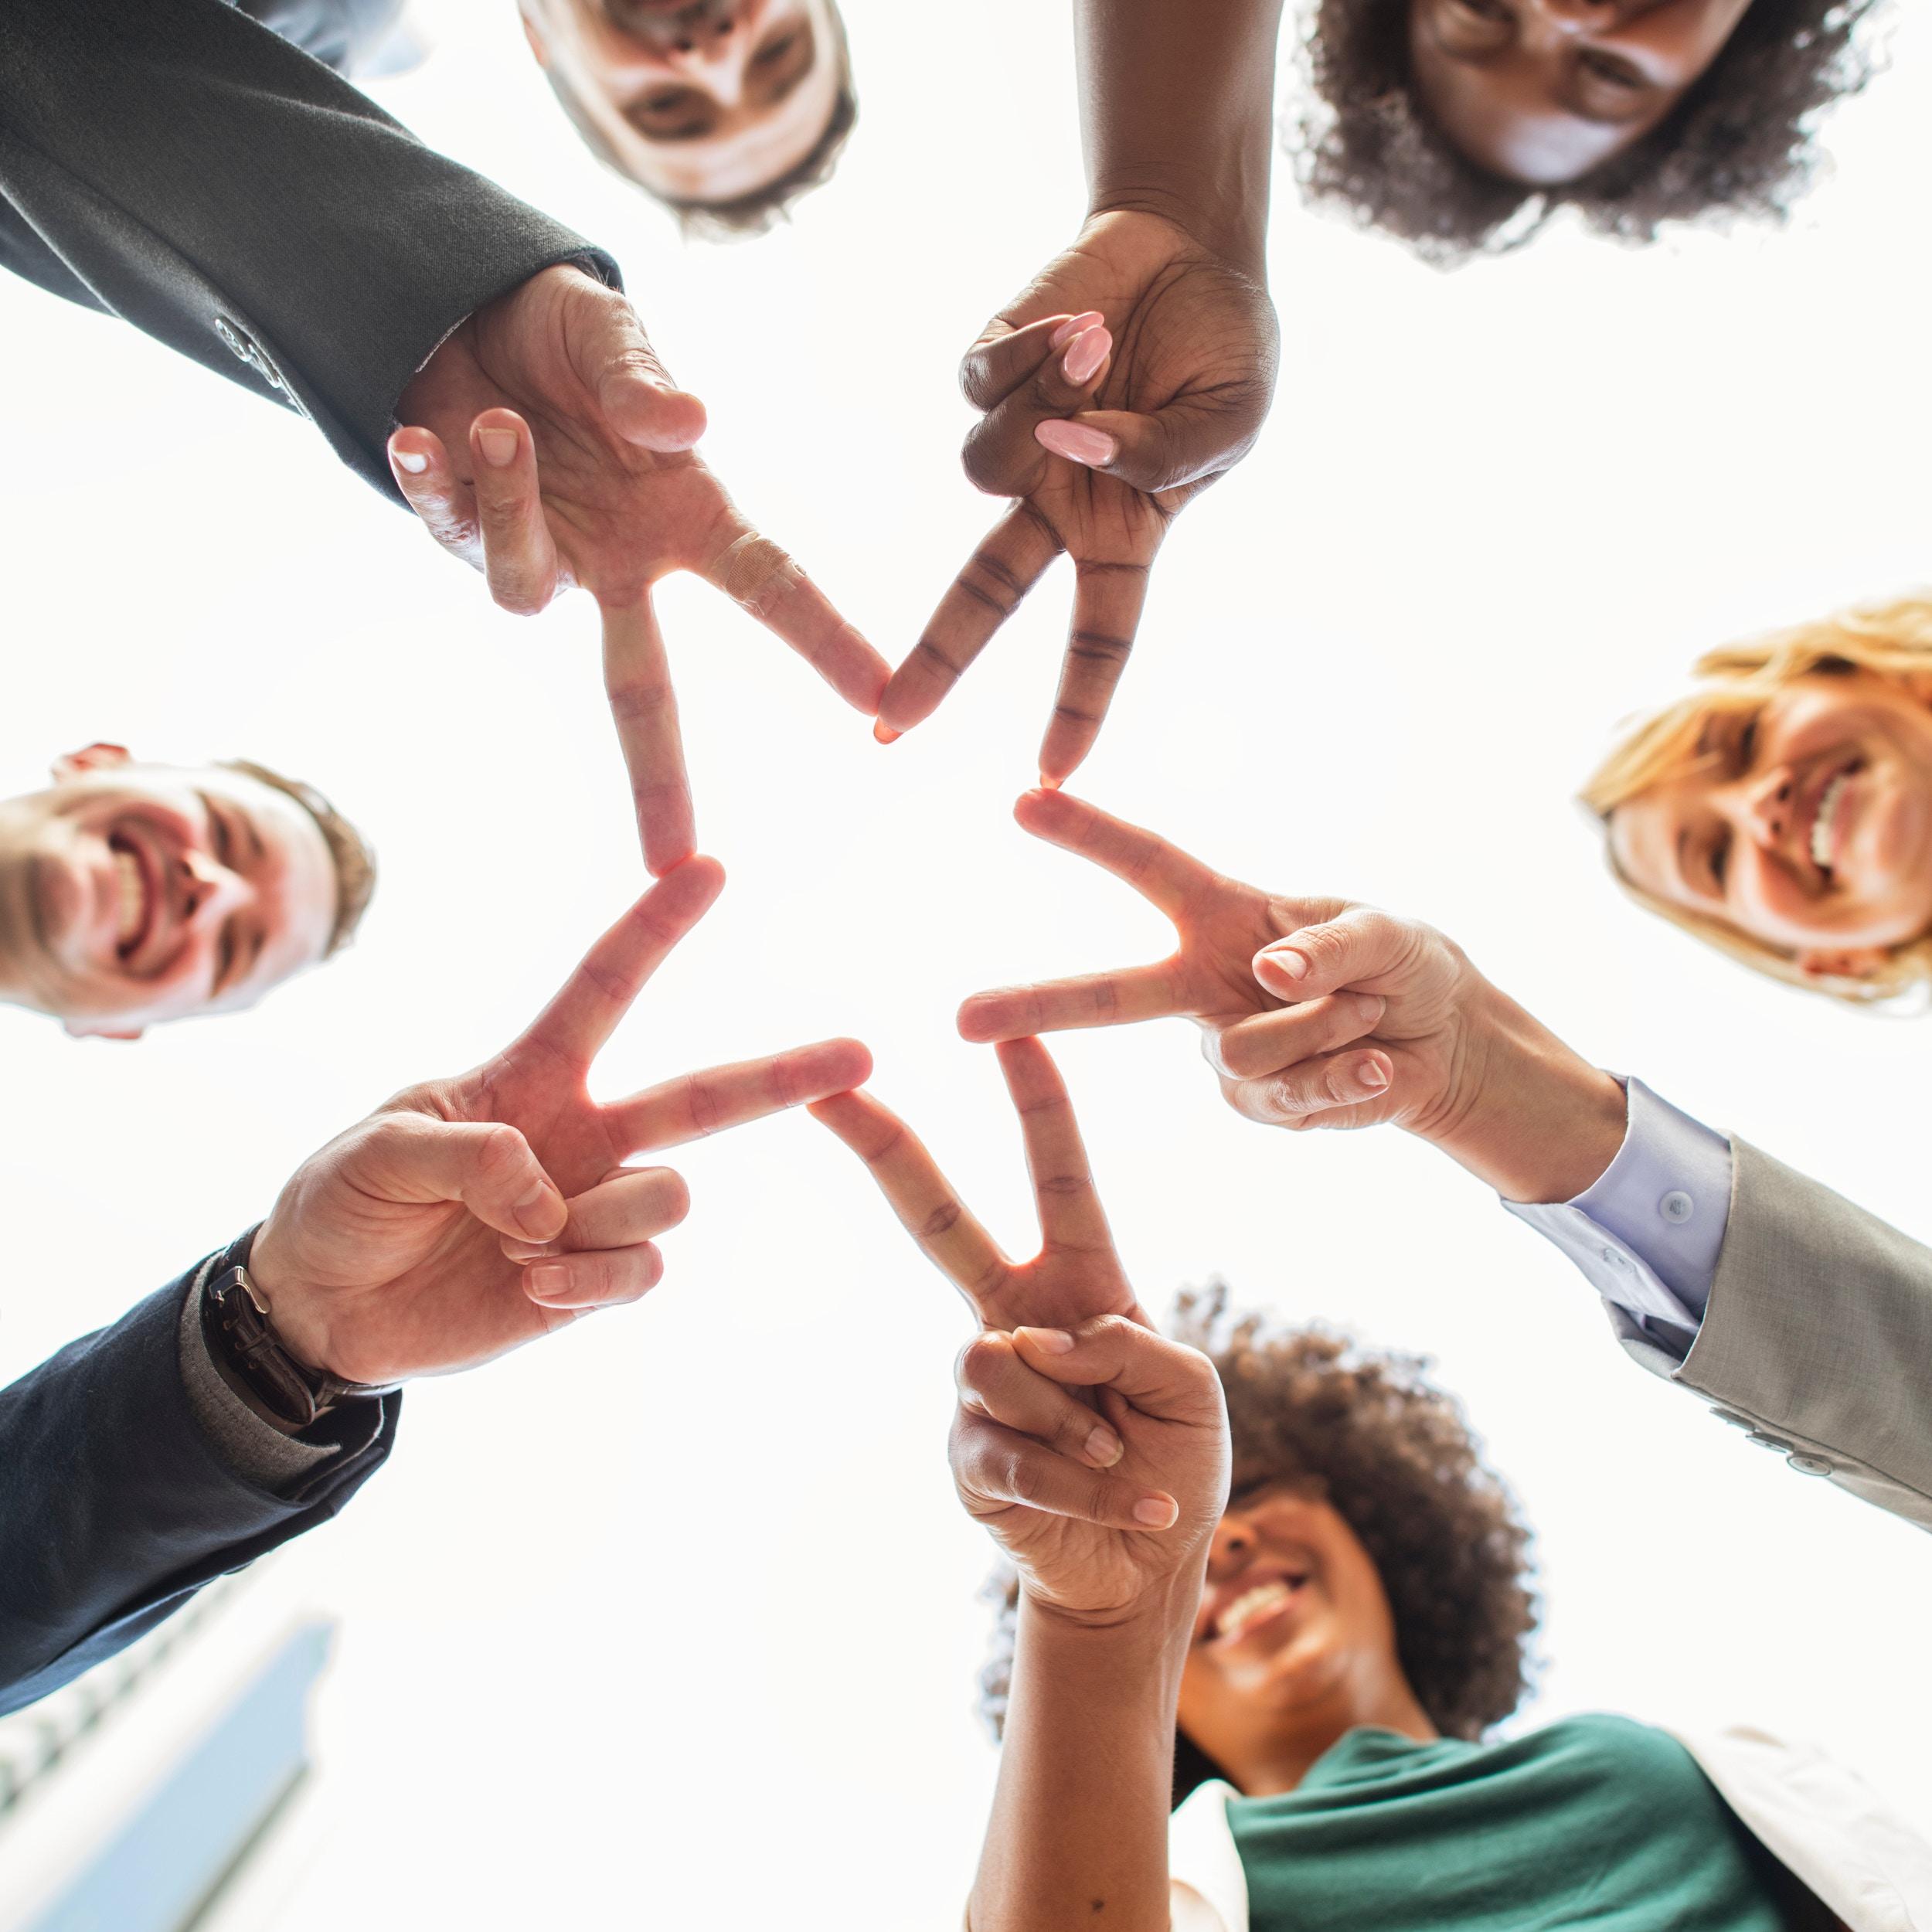 The heART of Well-being - Que faire face au burn out?Vous voulez réduire les tensions et résoudre les conflits dans vos équipes?Vous recherchez une approche globale du bien-être dans votre entreprise?FORMATION HEART OF WELL-BEING